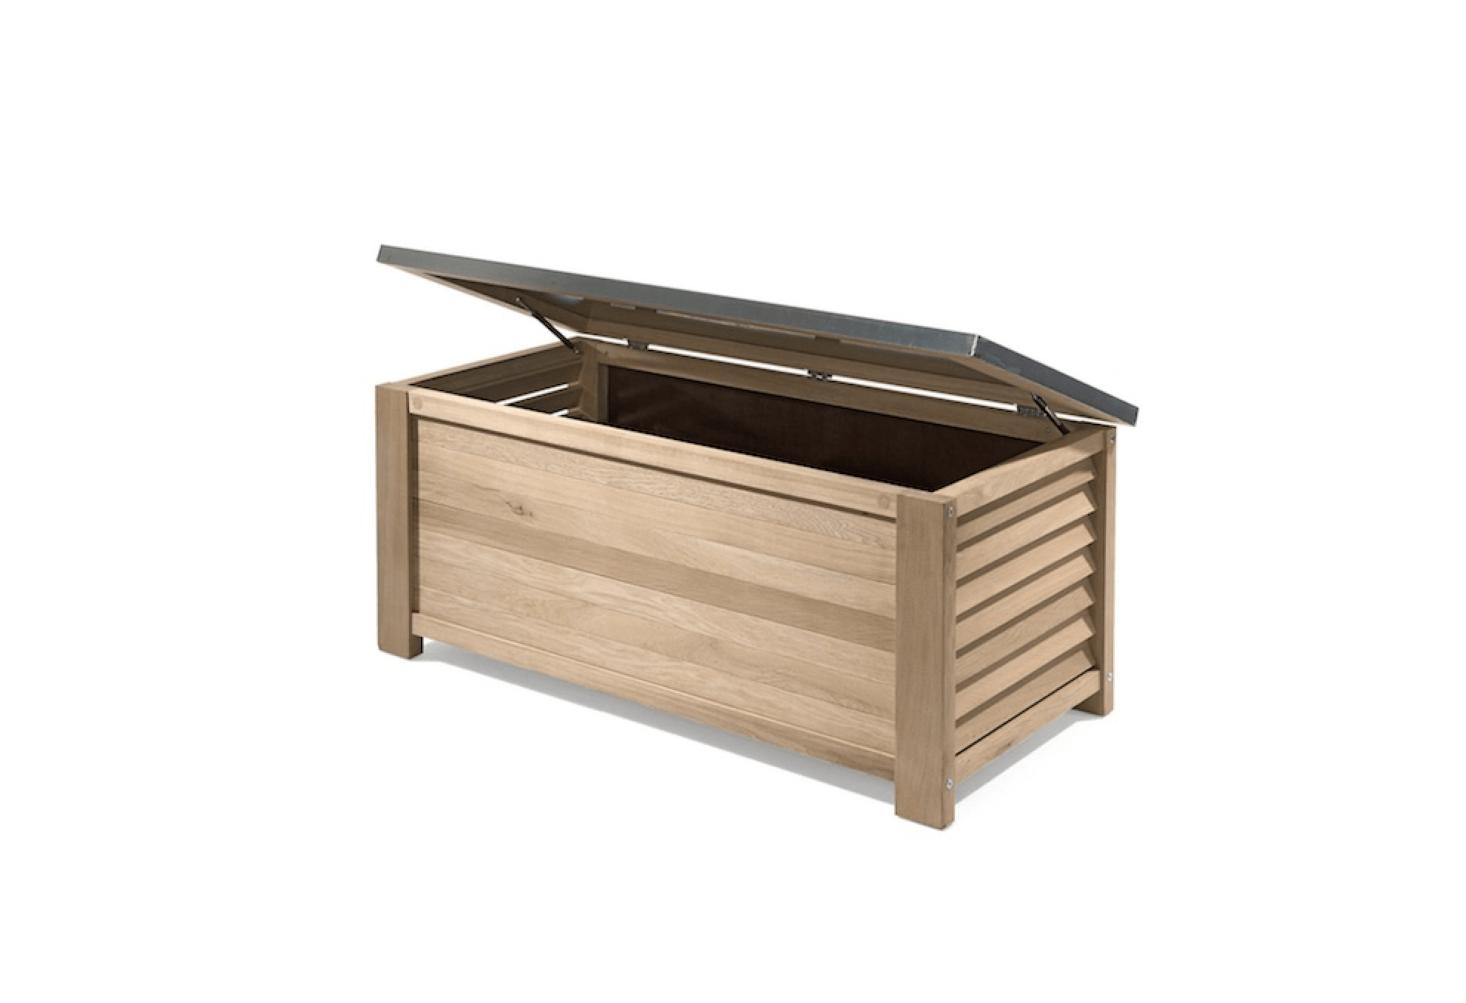 10 Easy Pieces Deck Boxes Gardenista Gardenista Deck Boxes Outdoor Storage Bench